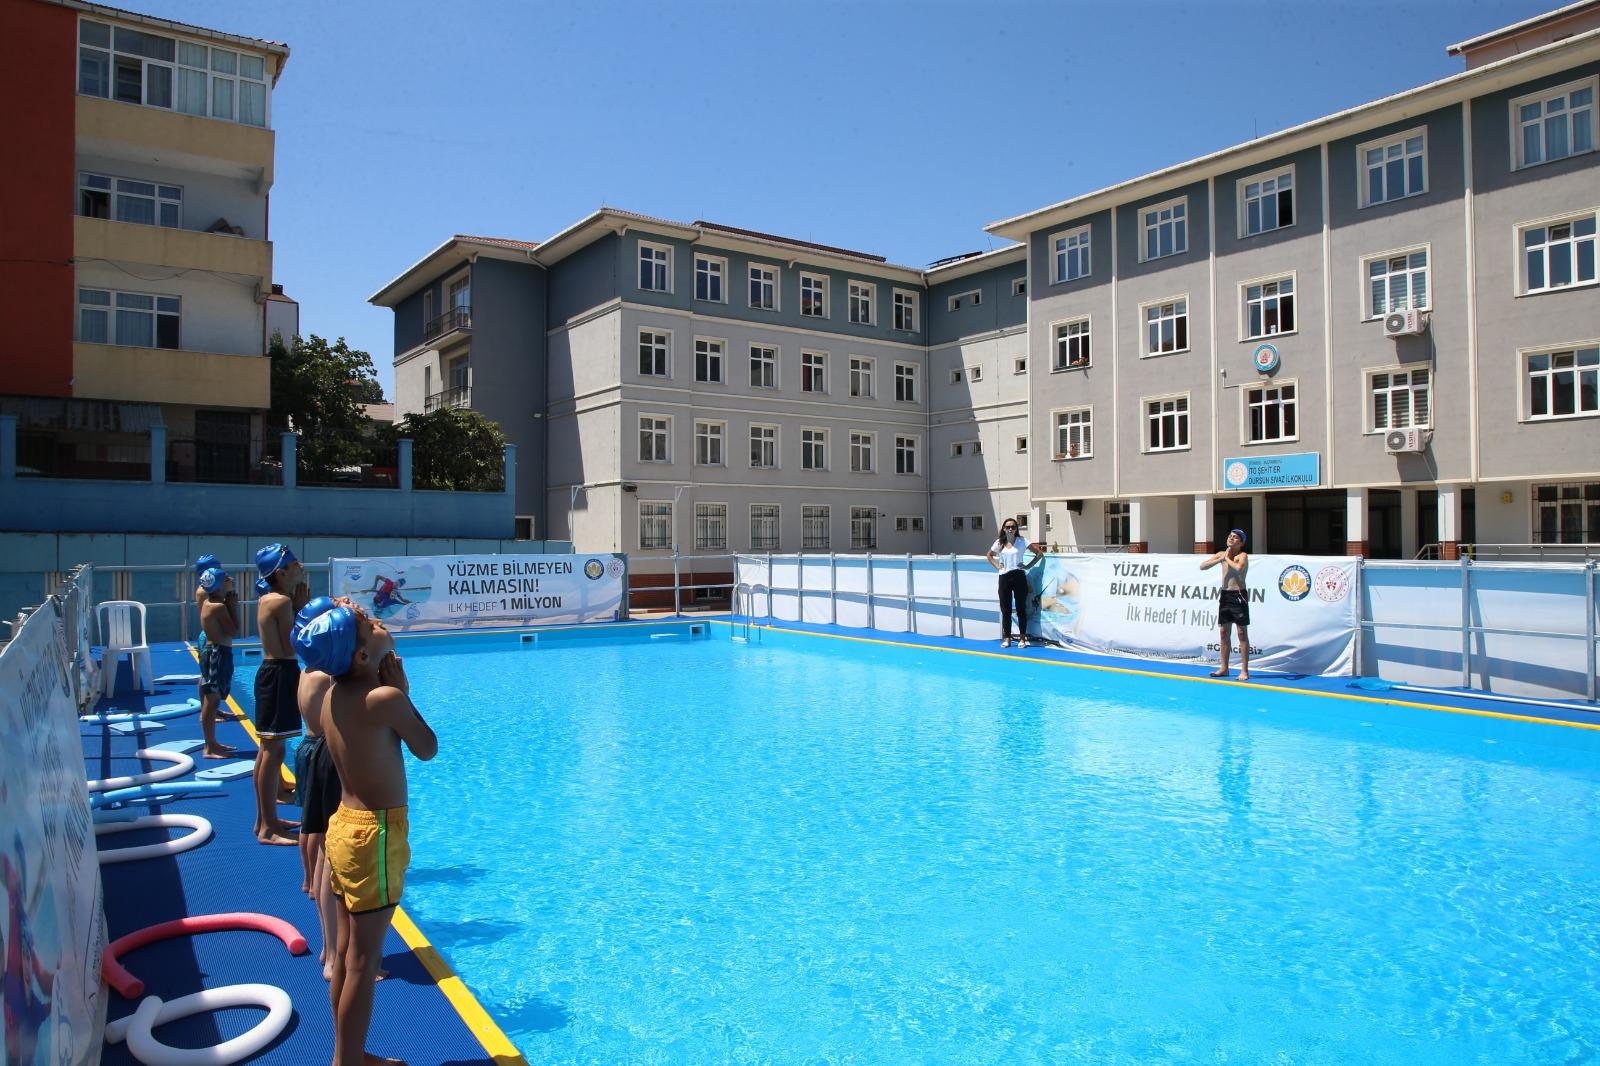 Sultanbeyli'de Çocuklar İçin Yüzme Kursu Ay Sonuna Kadar Devam Edecek